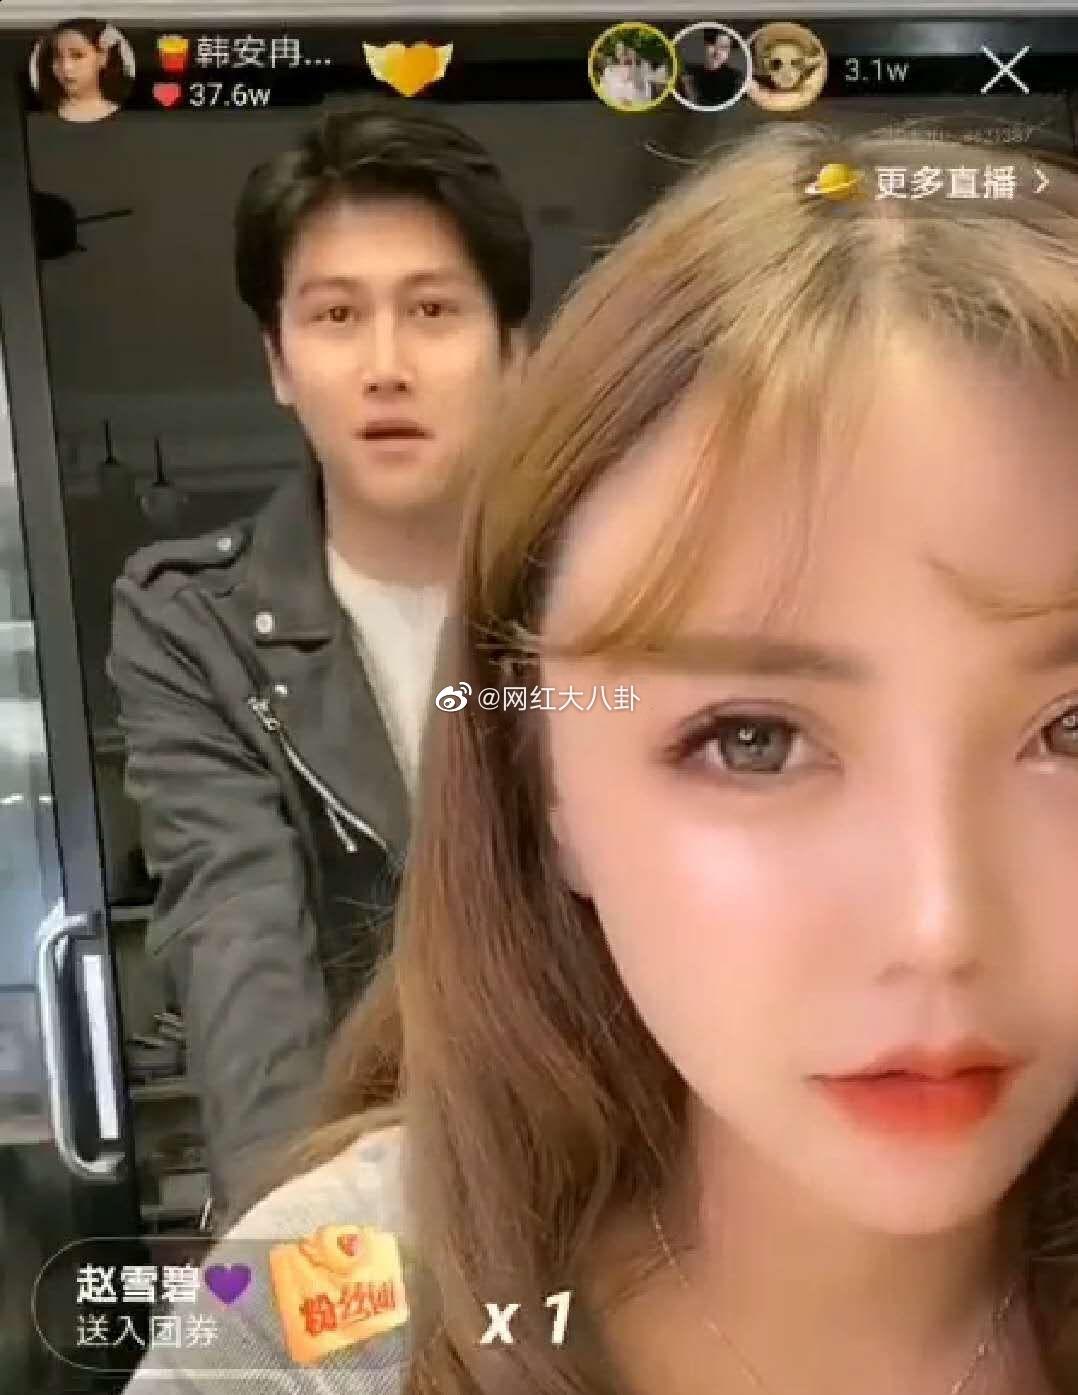 韩安冉新男友直播间露脸了,大家看一看帅不帅?